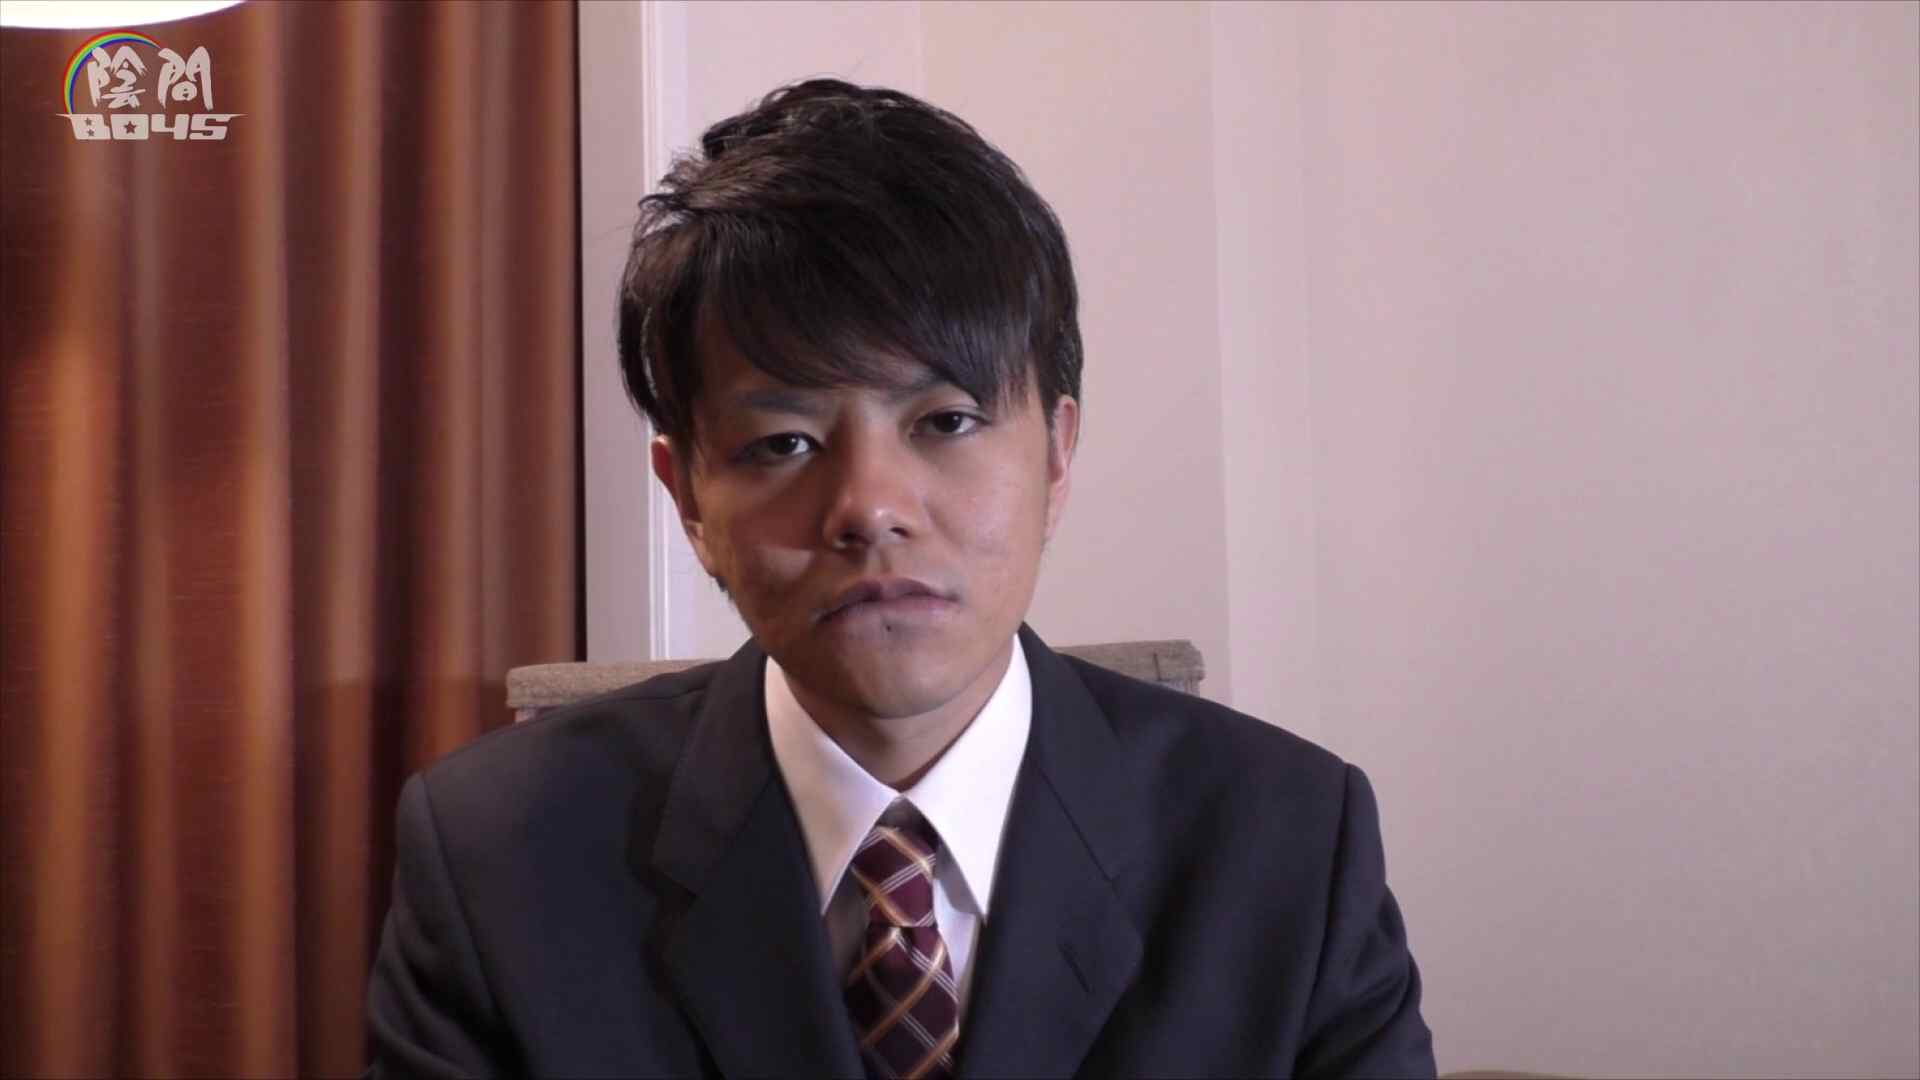 陰間BOYS~キャバクラの仕事はアナルから4 Vol.01 アナル ゲイザーメン画像 82枚 35